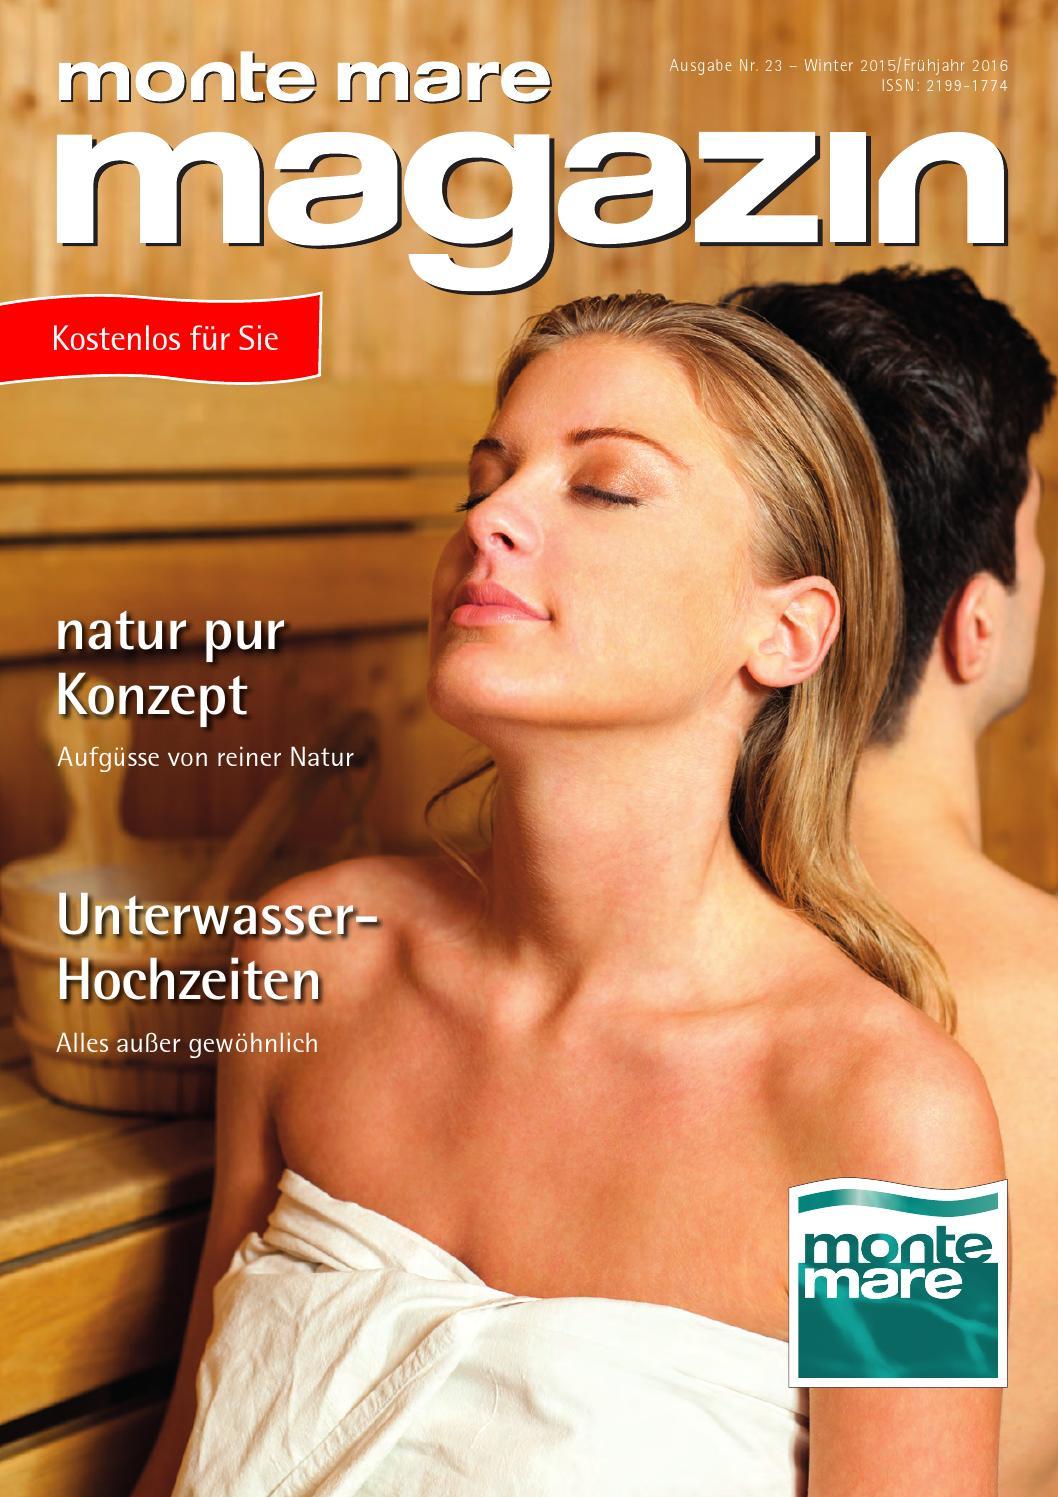 monte mare Magazin Winter 2015/16